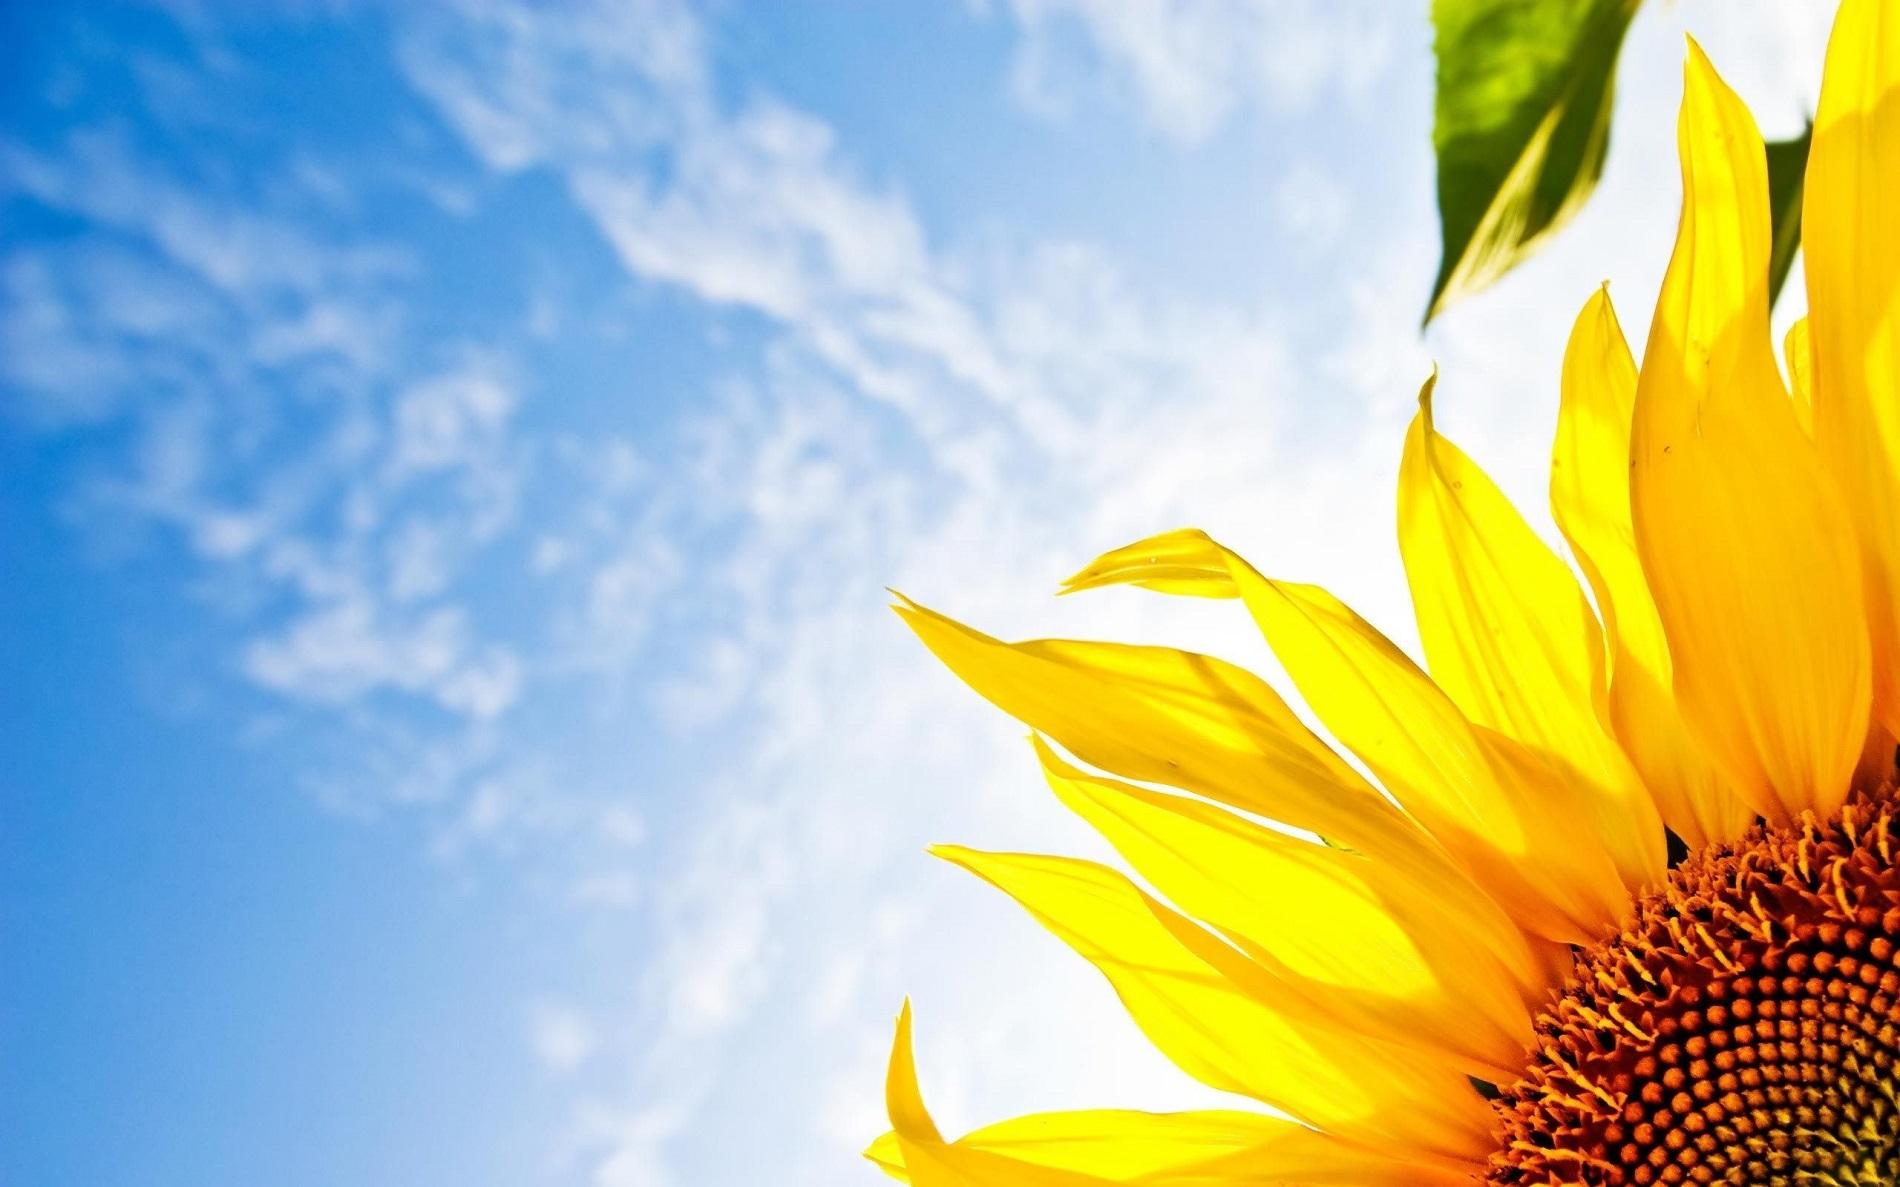 Hình ảnh đóa hoa hướng dương được dùng làm hình nền